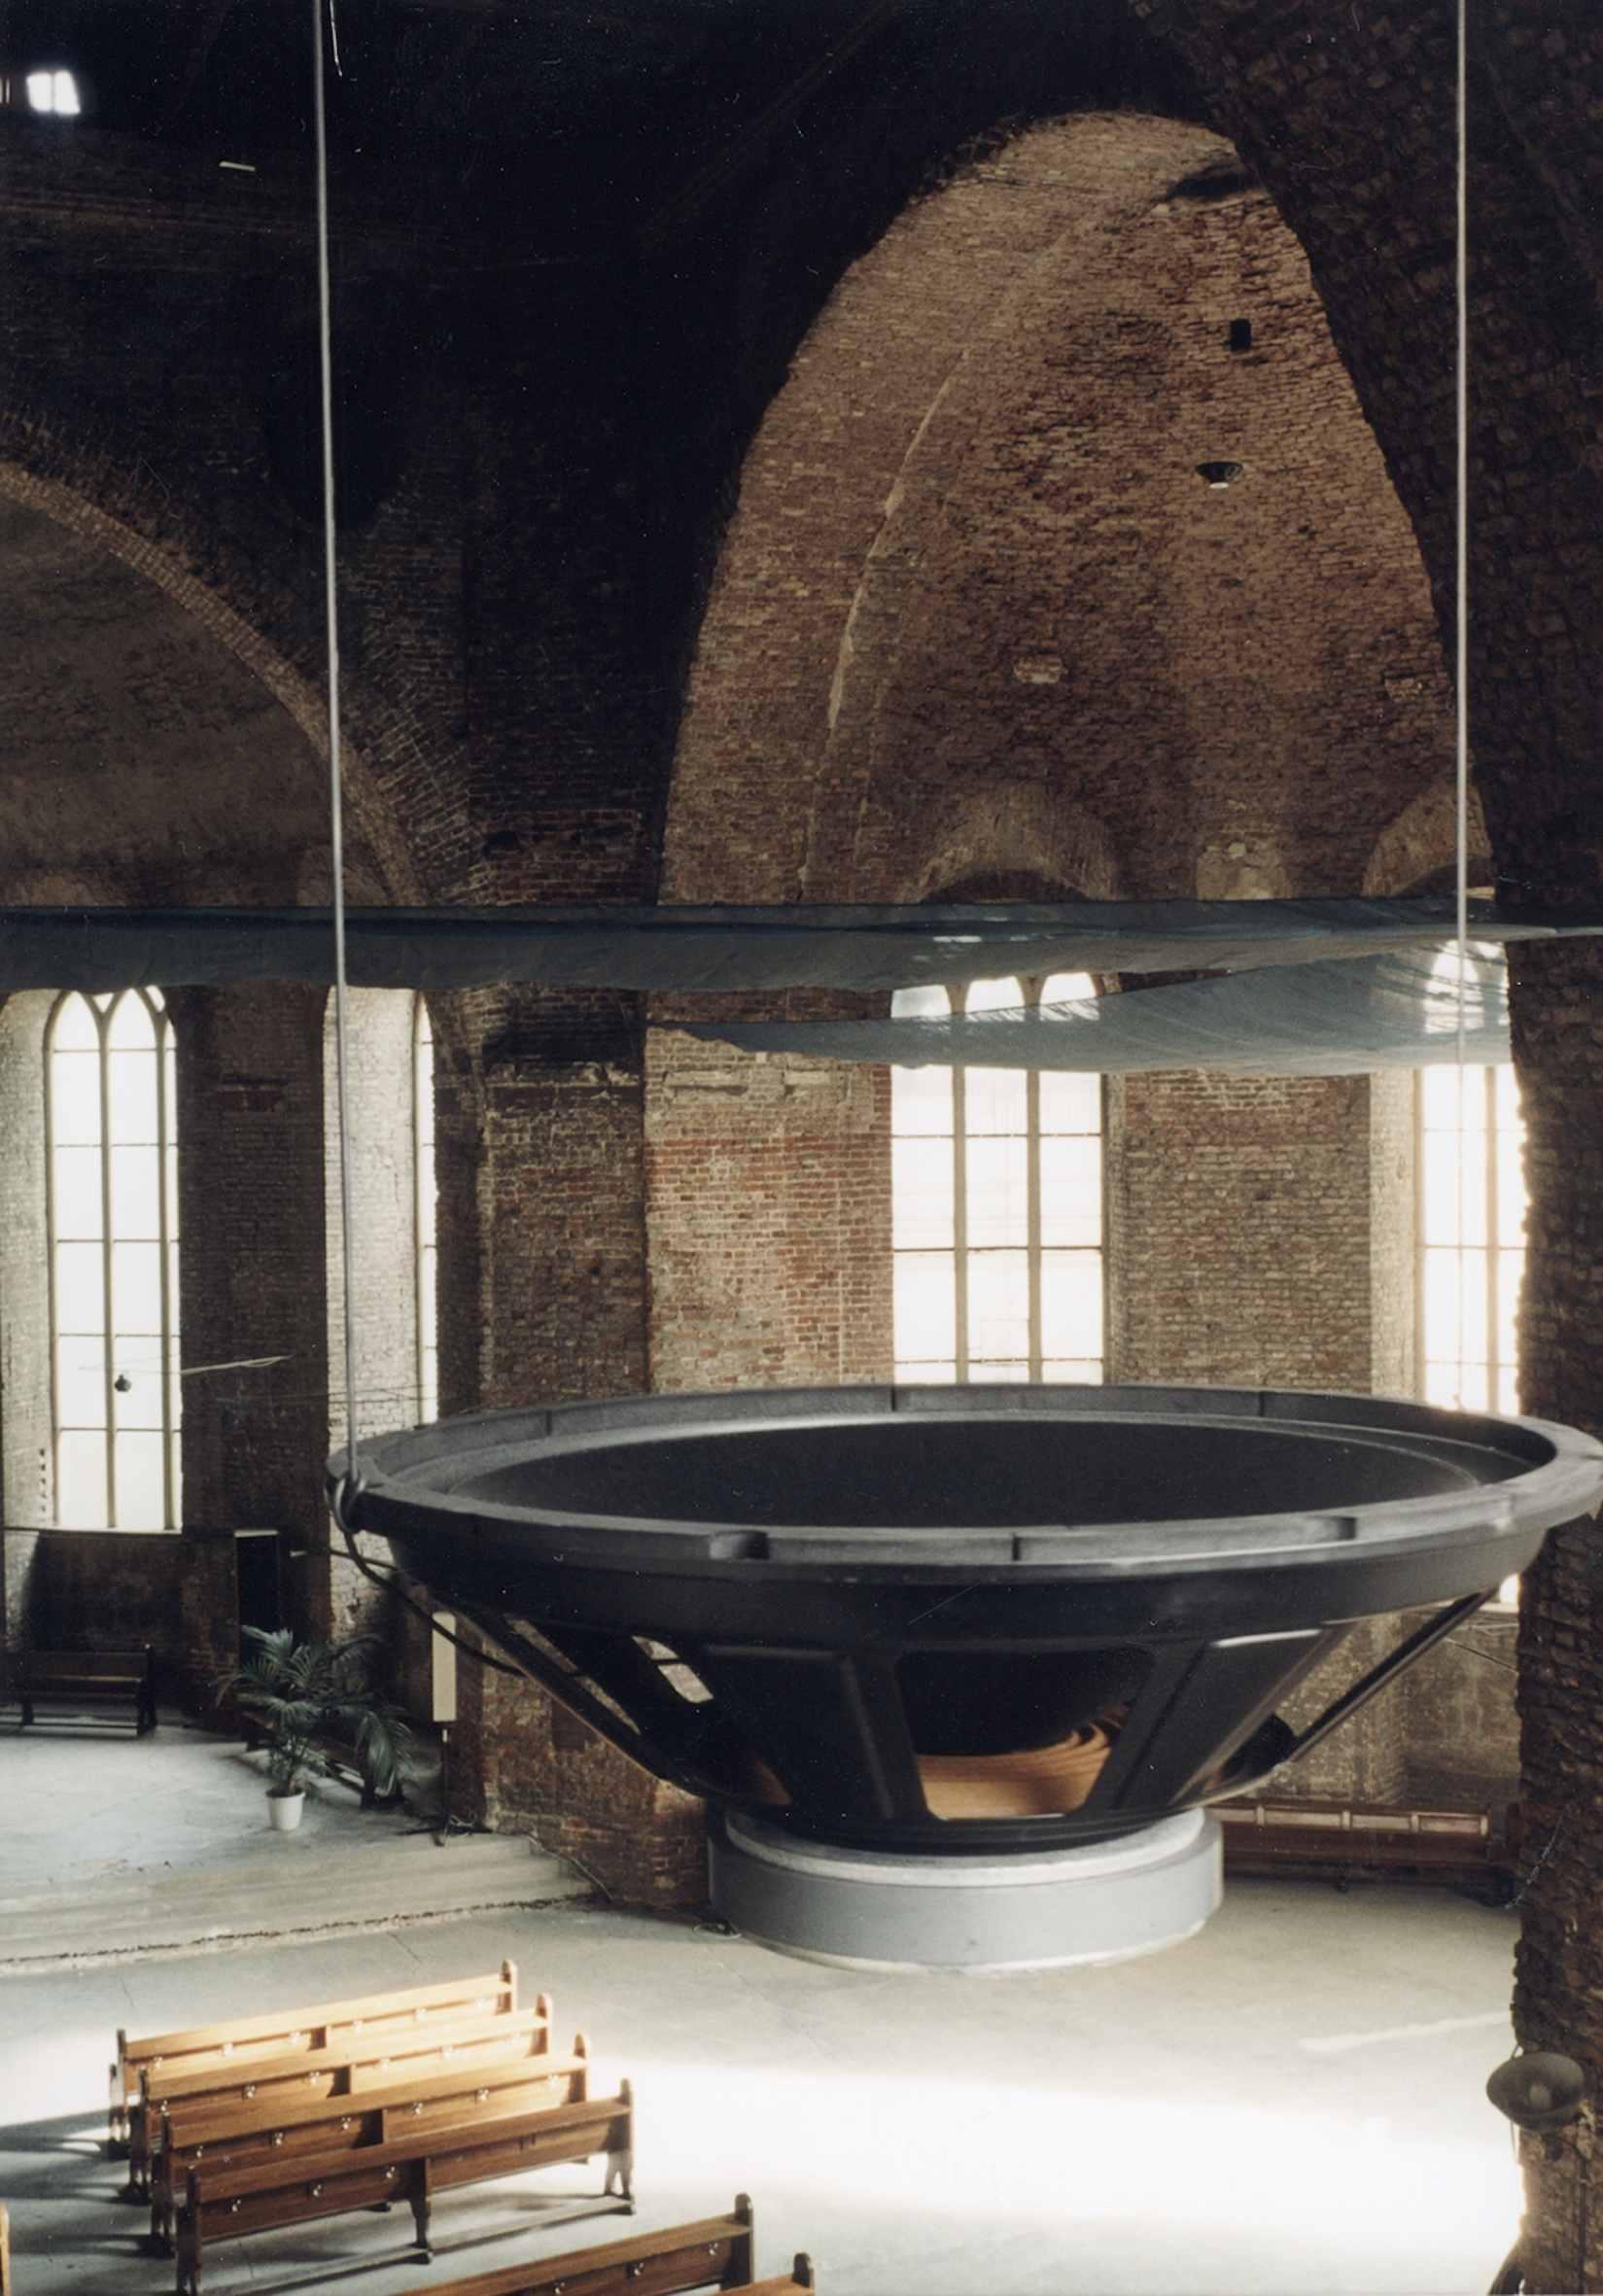 Rolf Julius: Musik, weiter entfernt – Klanginstallation (Detail), 1999, Fotograf: Roman März